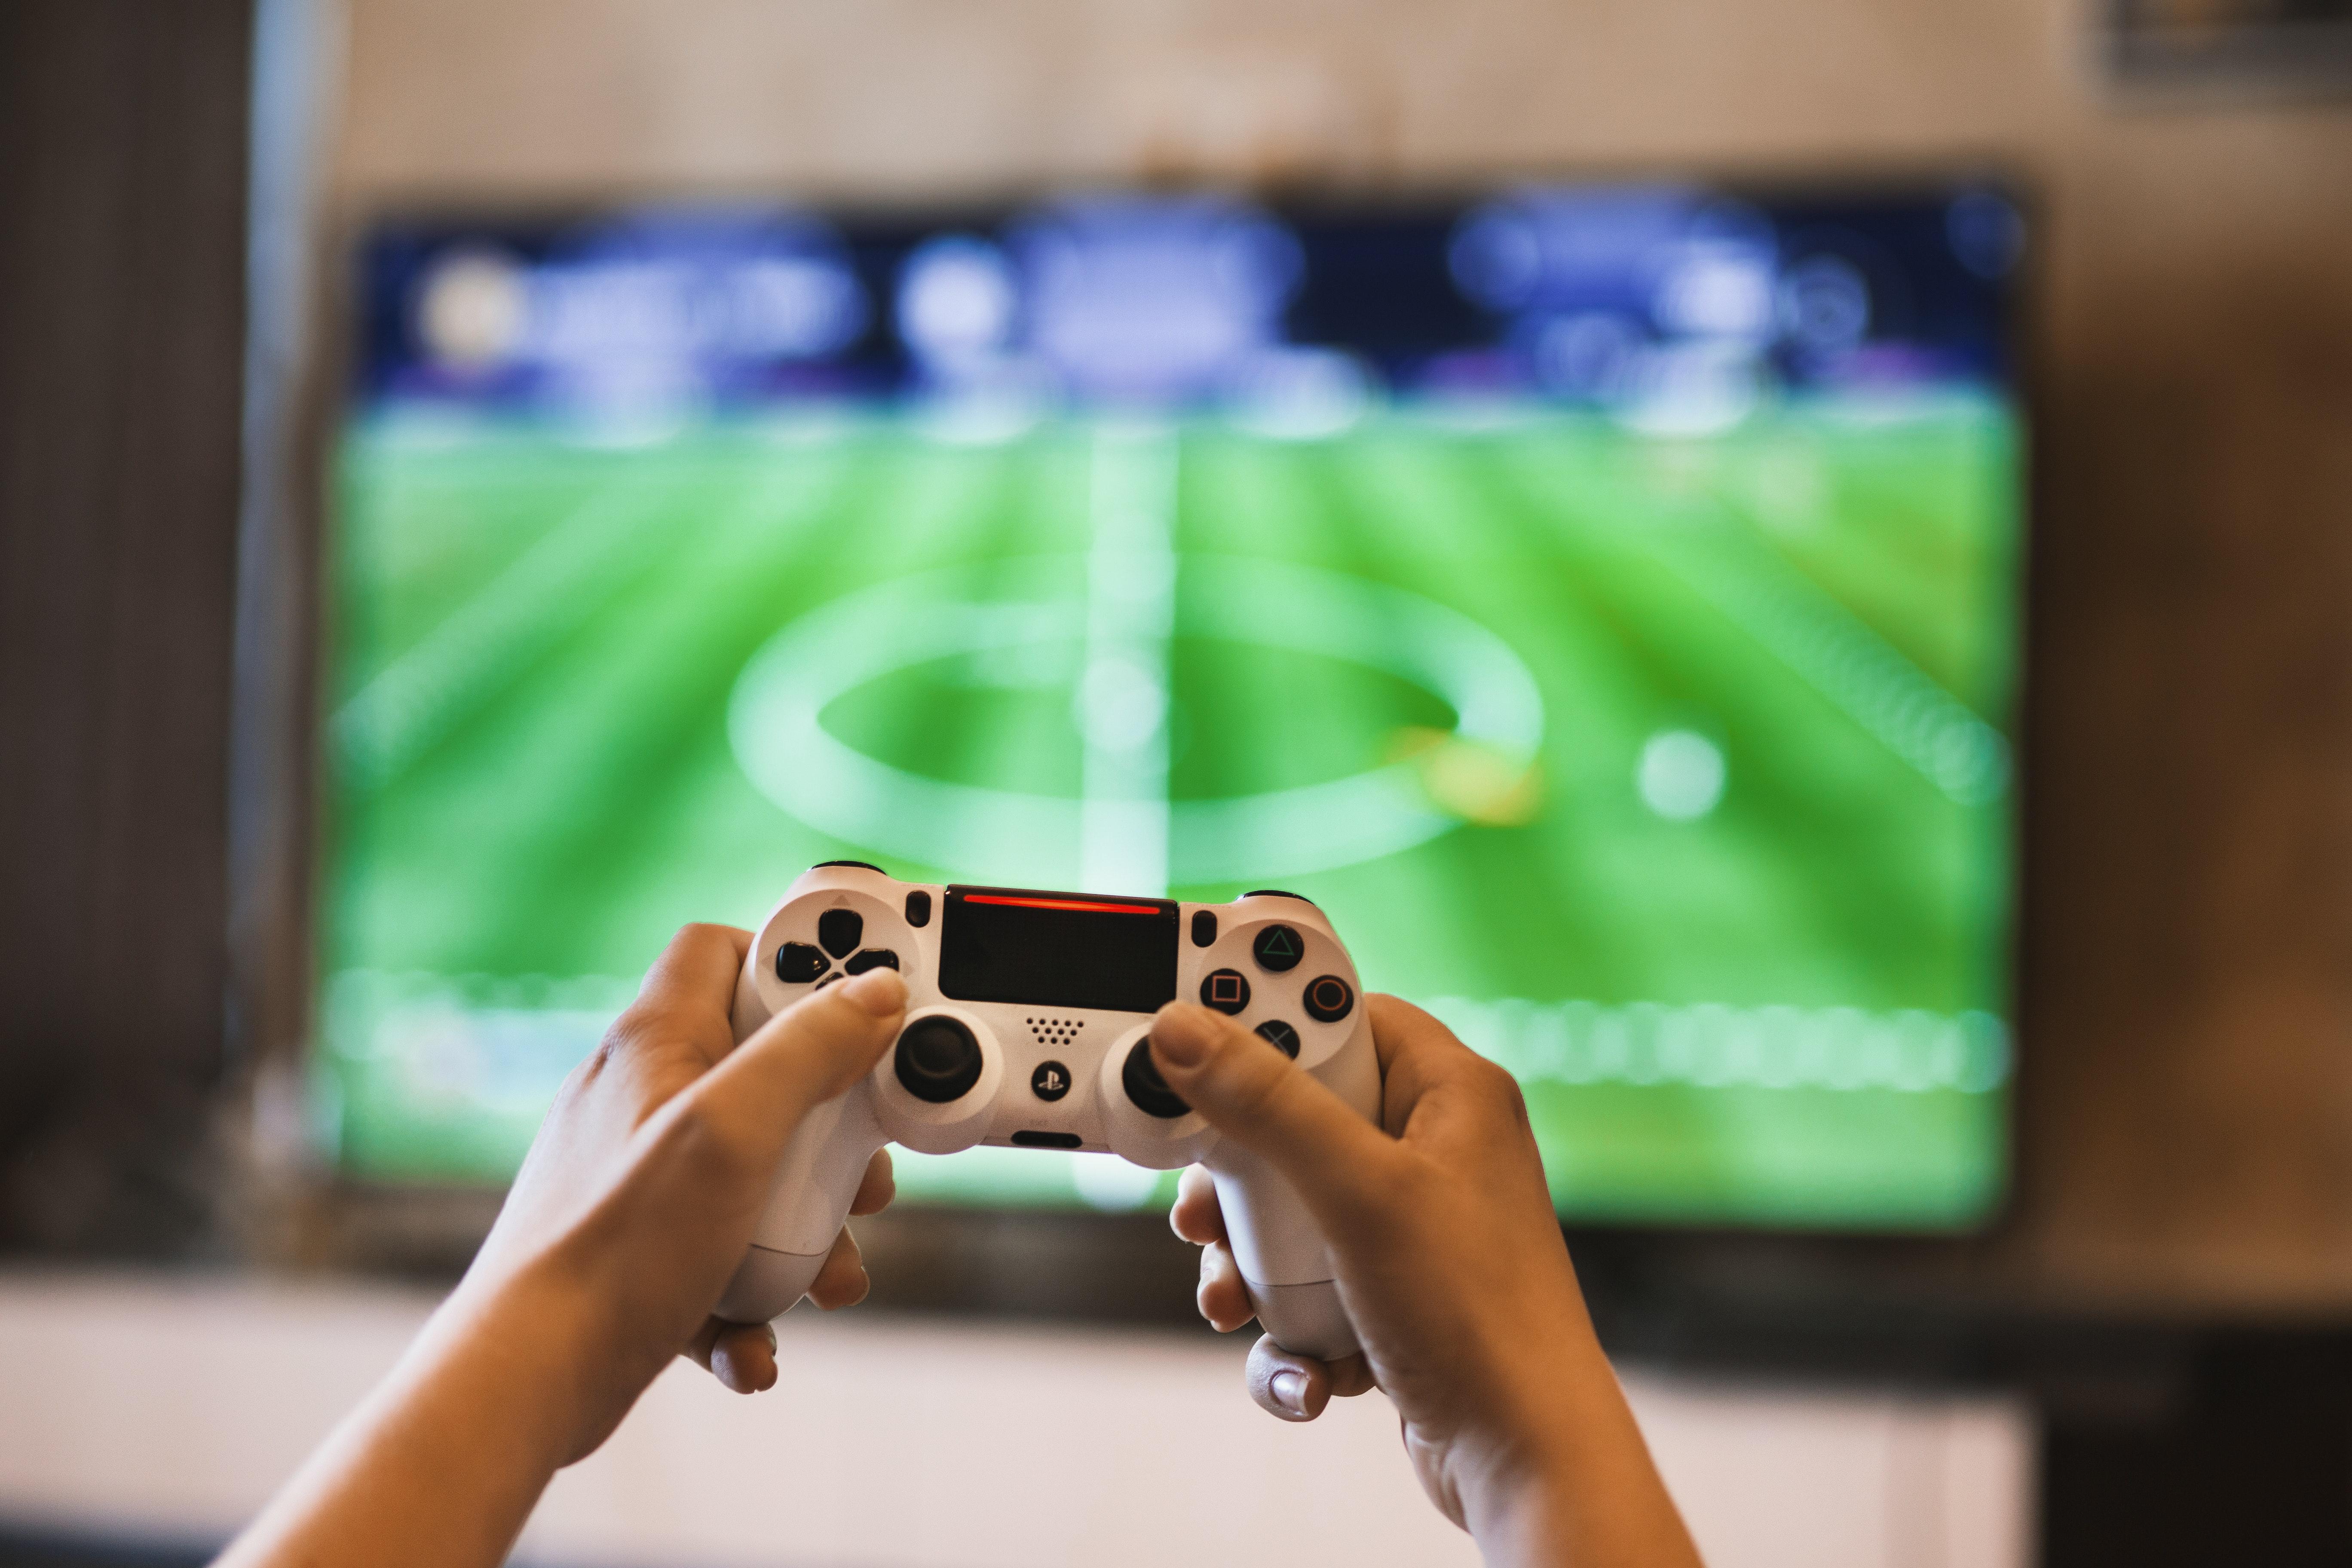 Hisense U7A 4K Ultra HD ULED Smart TV Amazon UK HDR 2018 Gaming